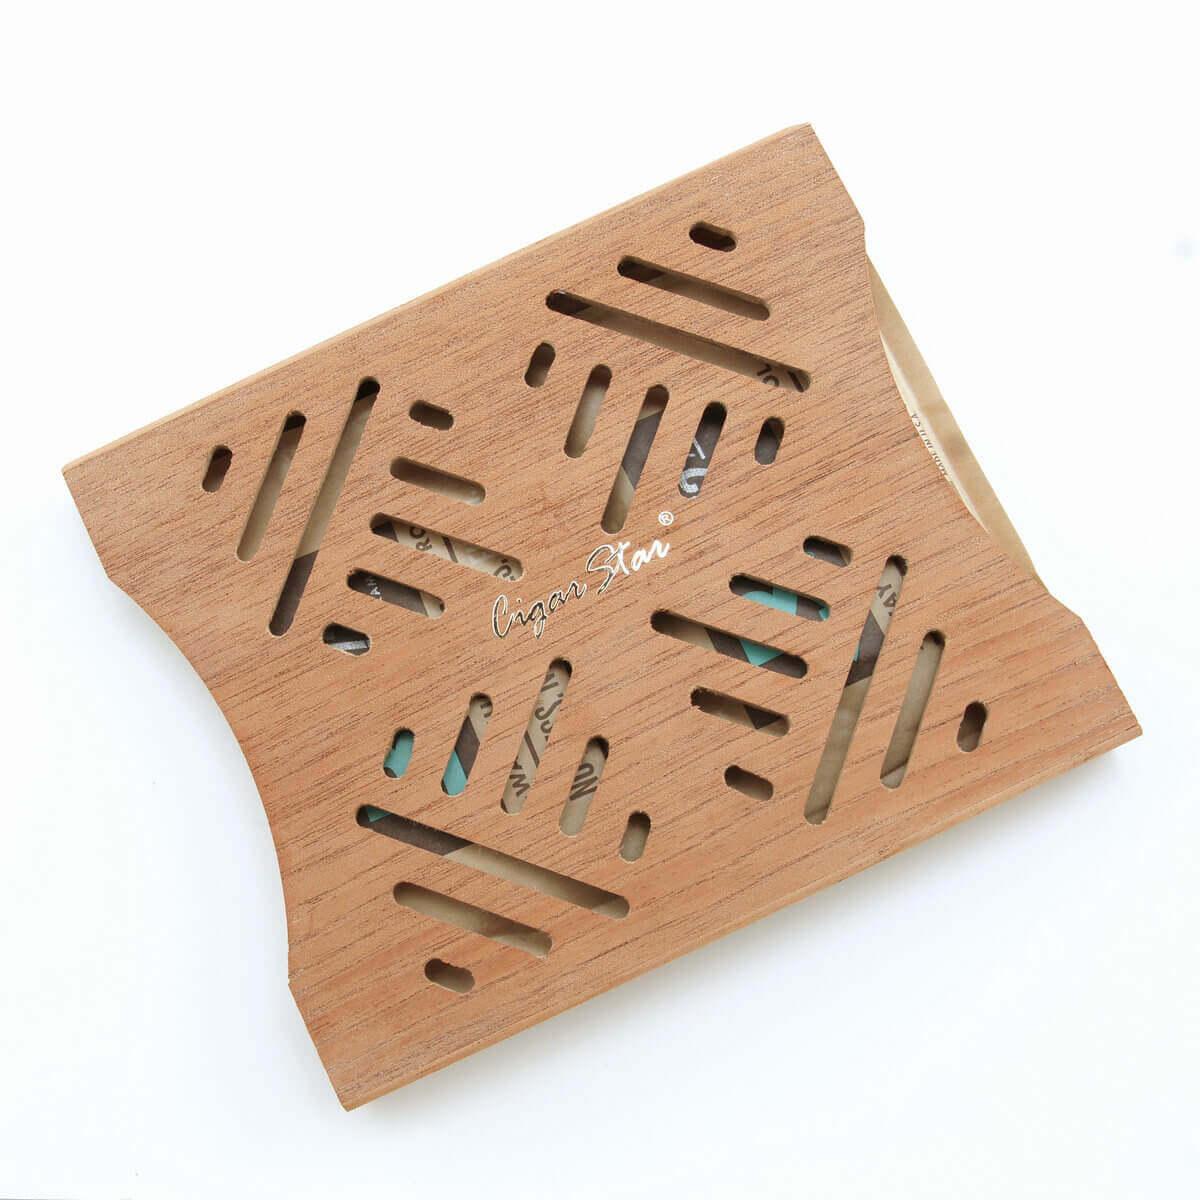 Cigar star's boveda Spanish cedar holder for cigar humidor